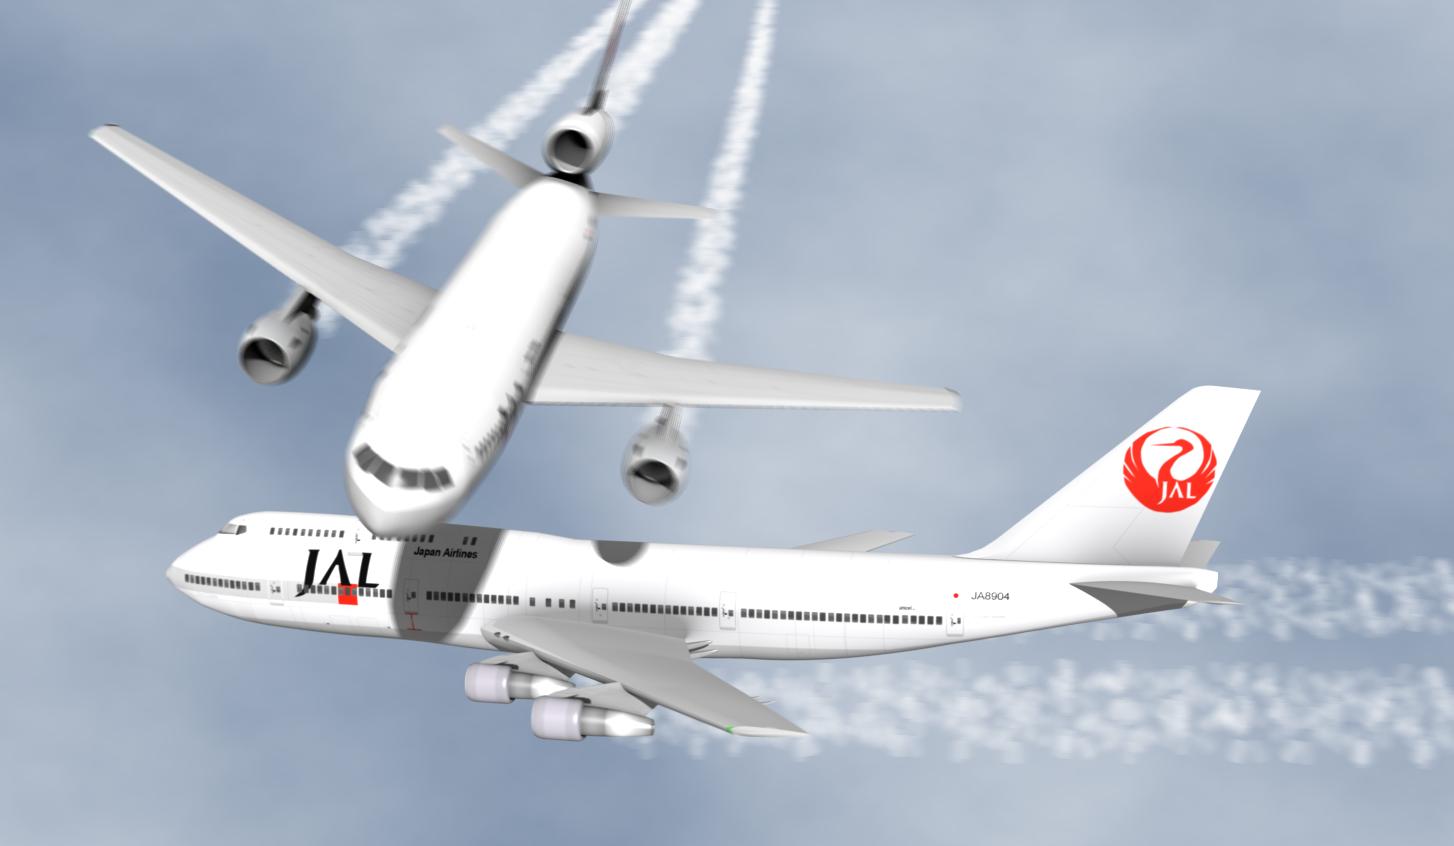 TCAS: Come evitare collisioni in volo